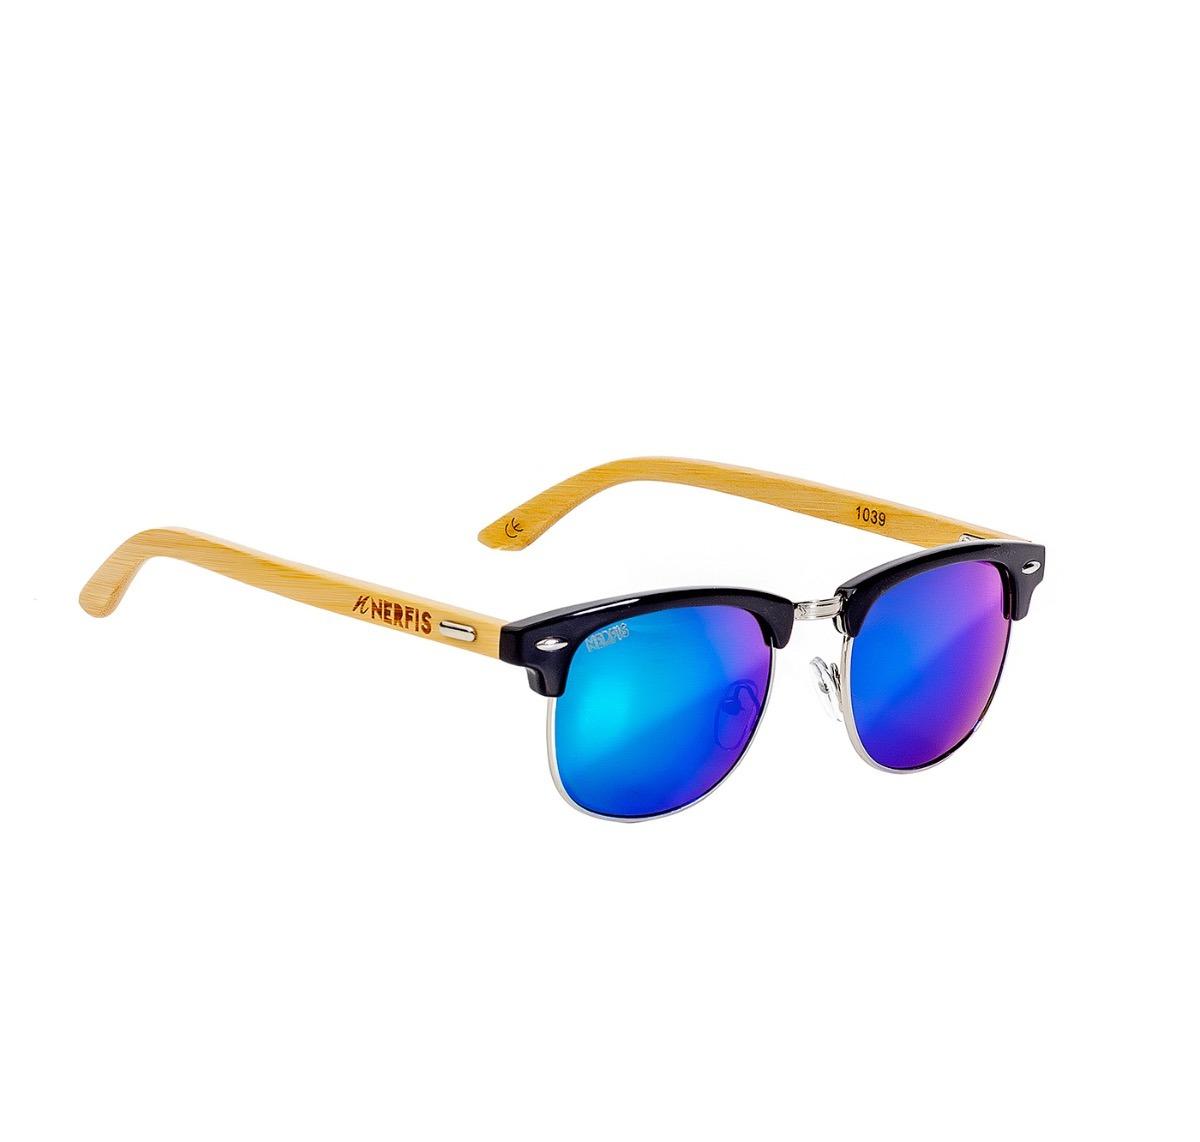 7051a1683f Lentes De Sol Nerfis Prime Bambú Blue - $ 29.990 en Mercado Libre